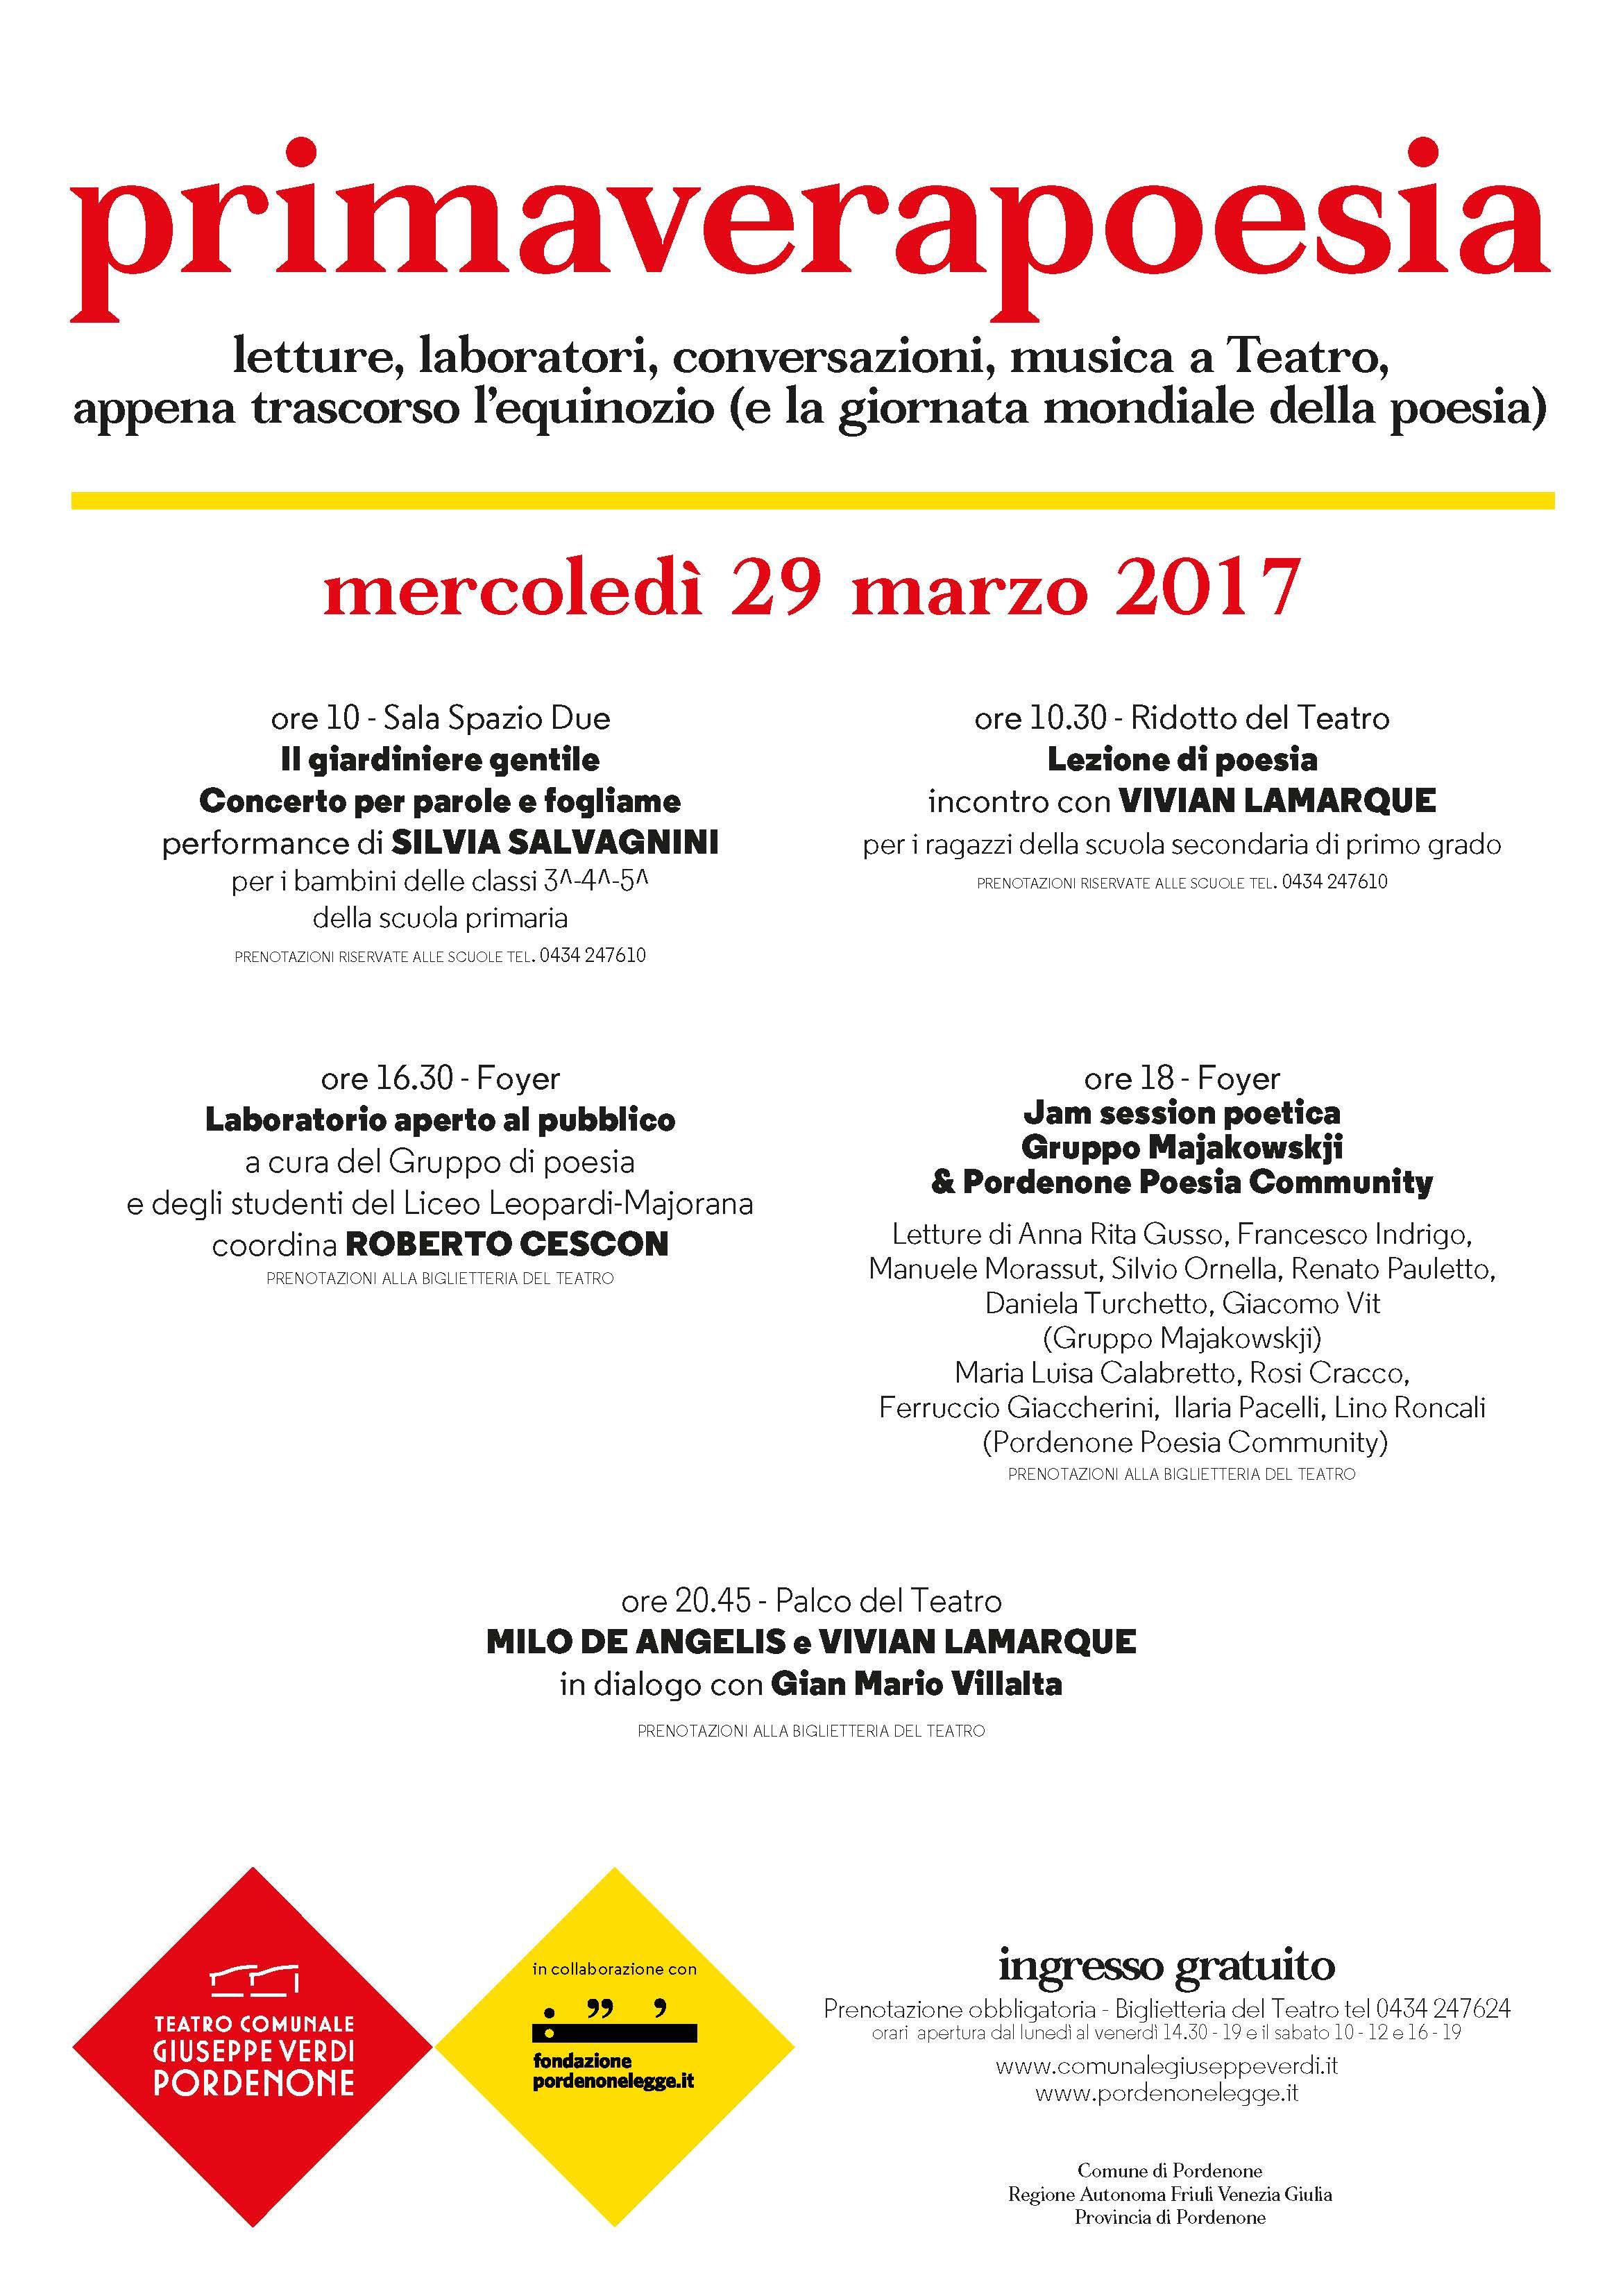 Il gruppo poesia del Leomajor a Primaverapoesia al Verdi mercoledì 29 marzo alle 16.30